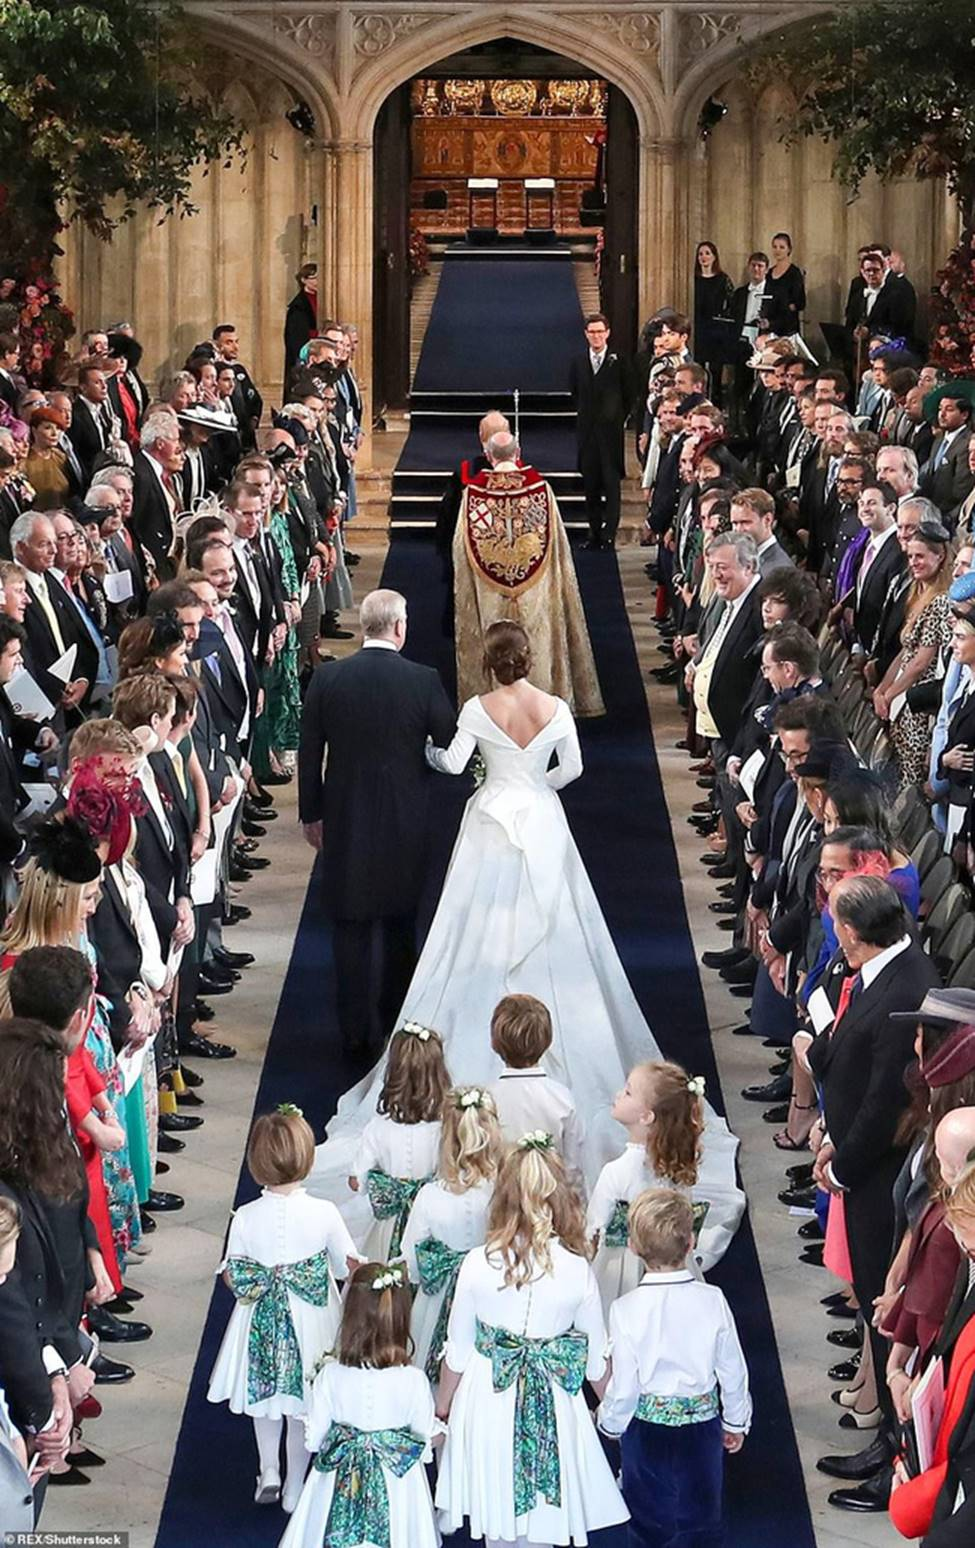 Đi đám cưới cô họ, Công chúa Charlotte tiếp tục gây thương nhớ bằng loạt biểu cảm đáng yêu xinh như thiên thần-13